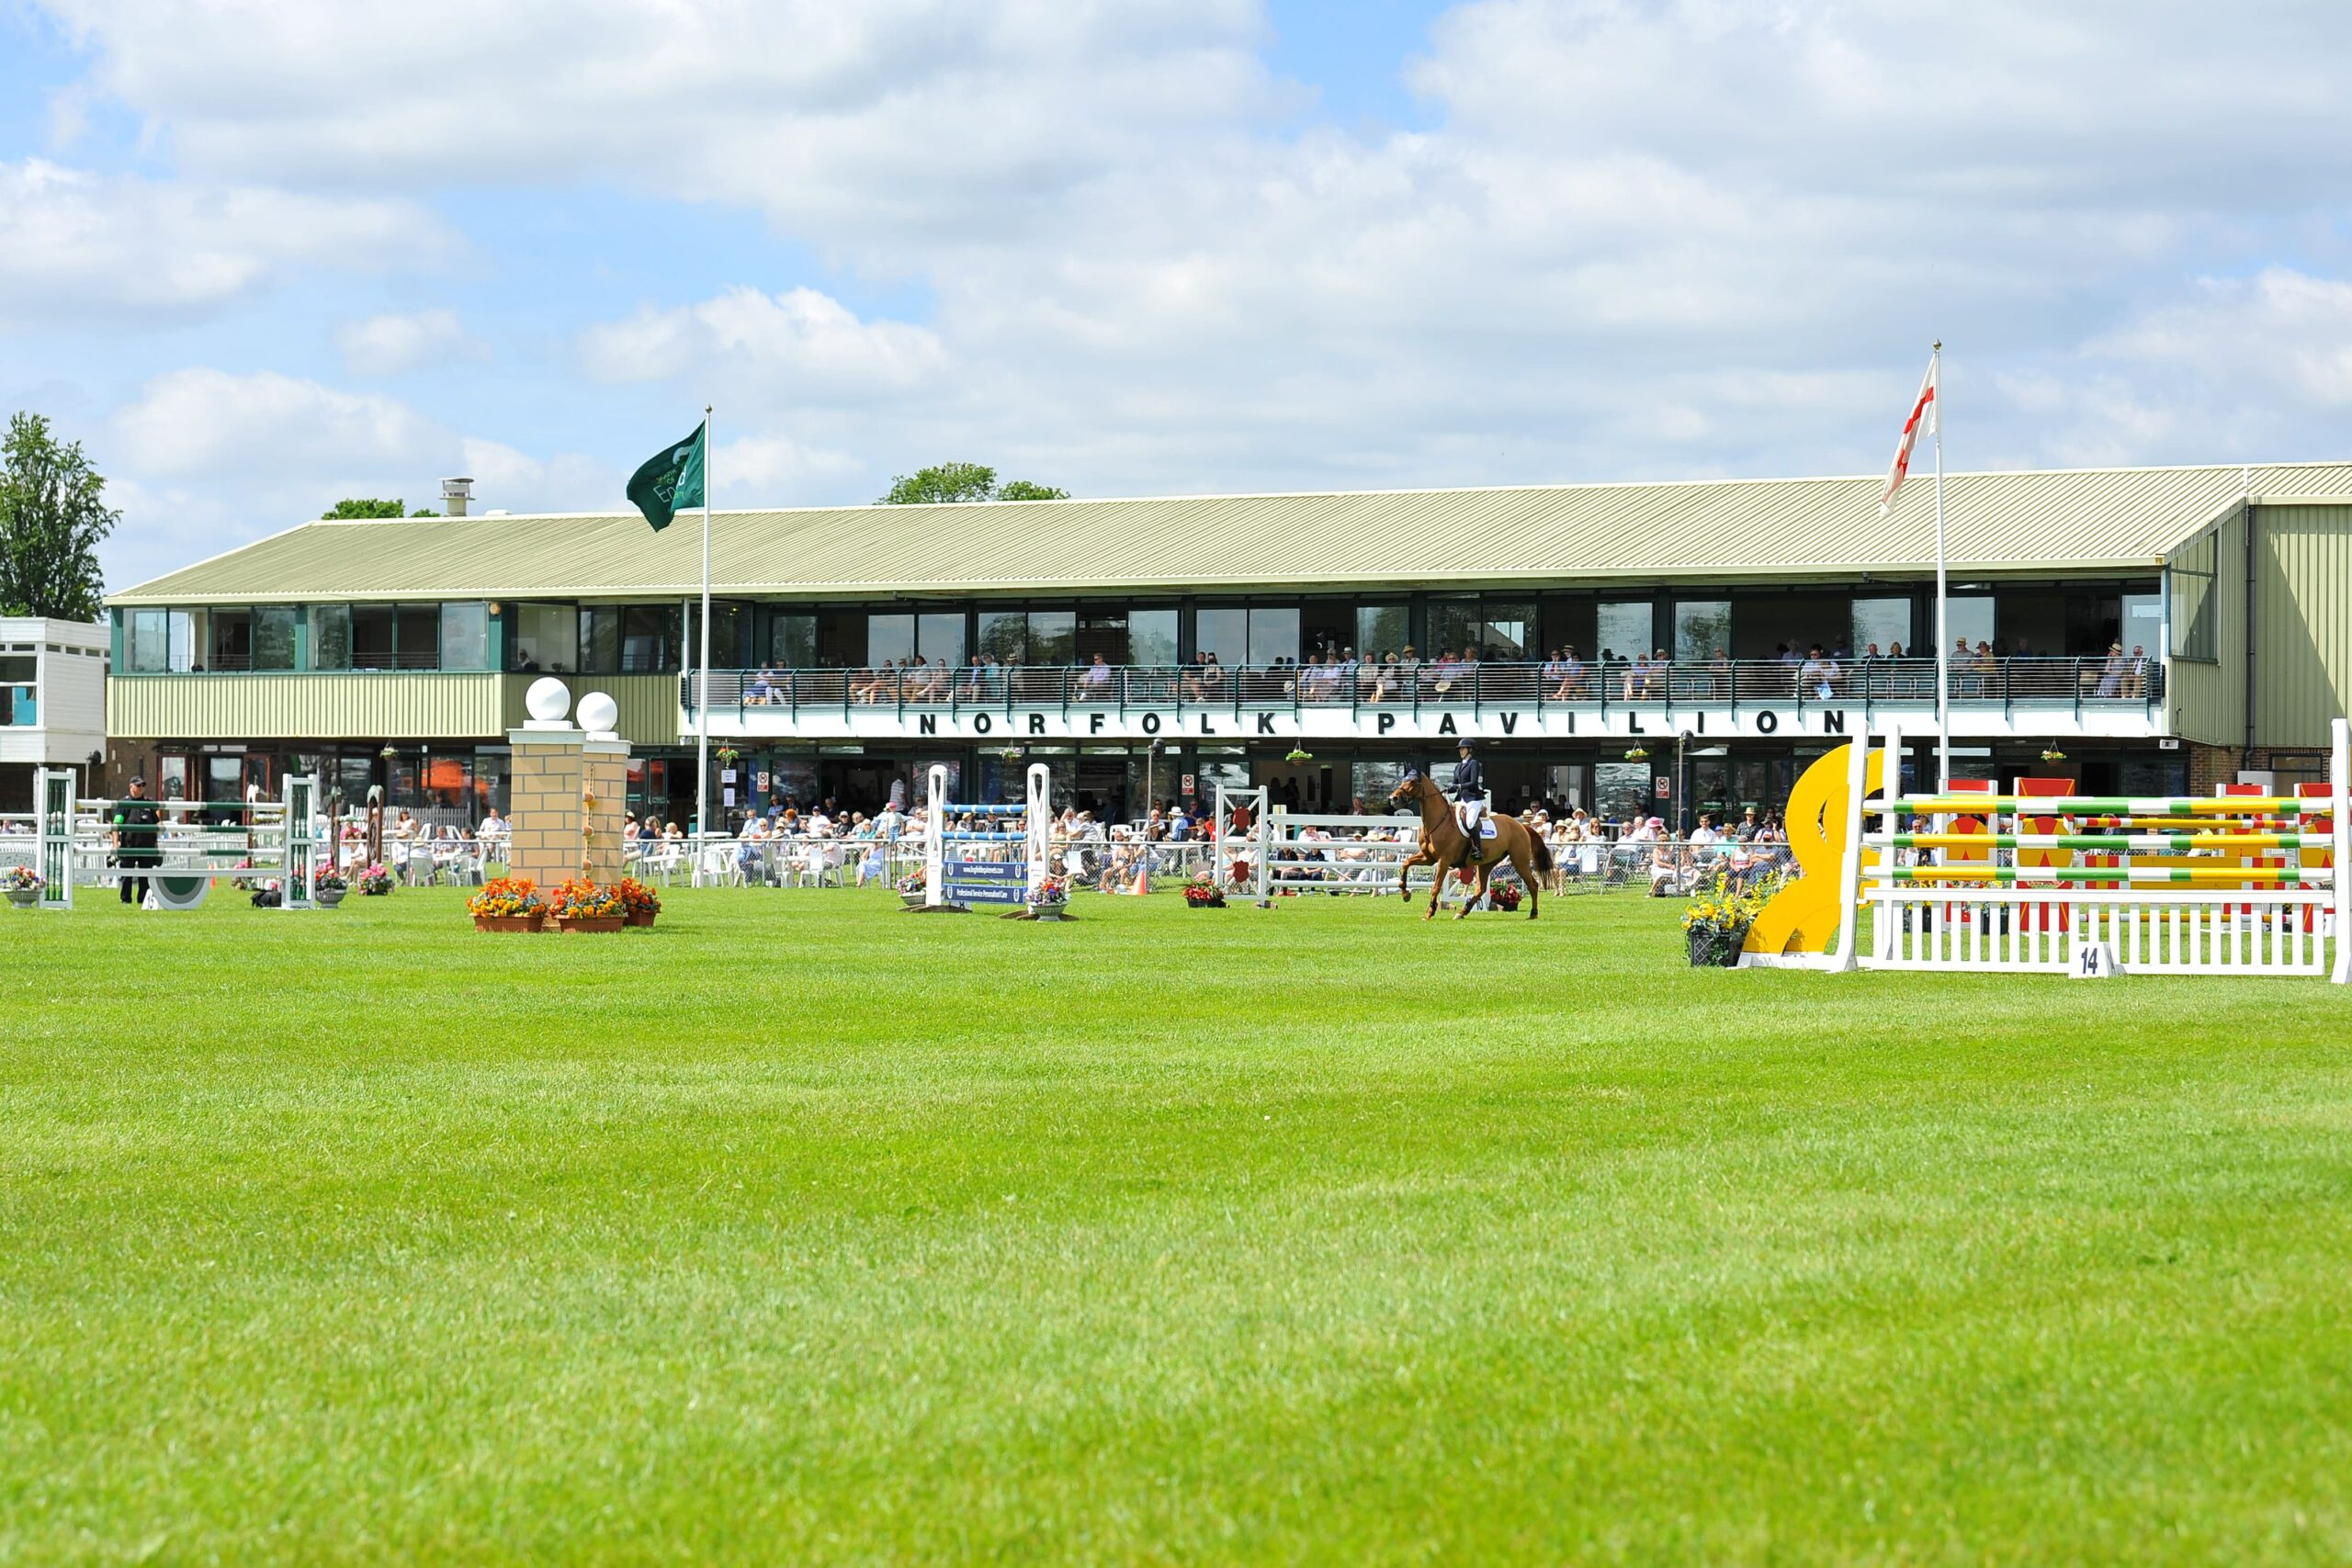 Norfolk Pavilion